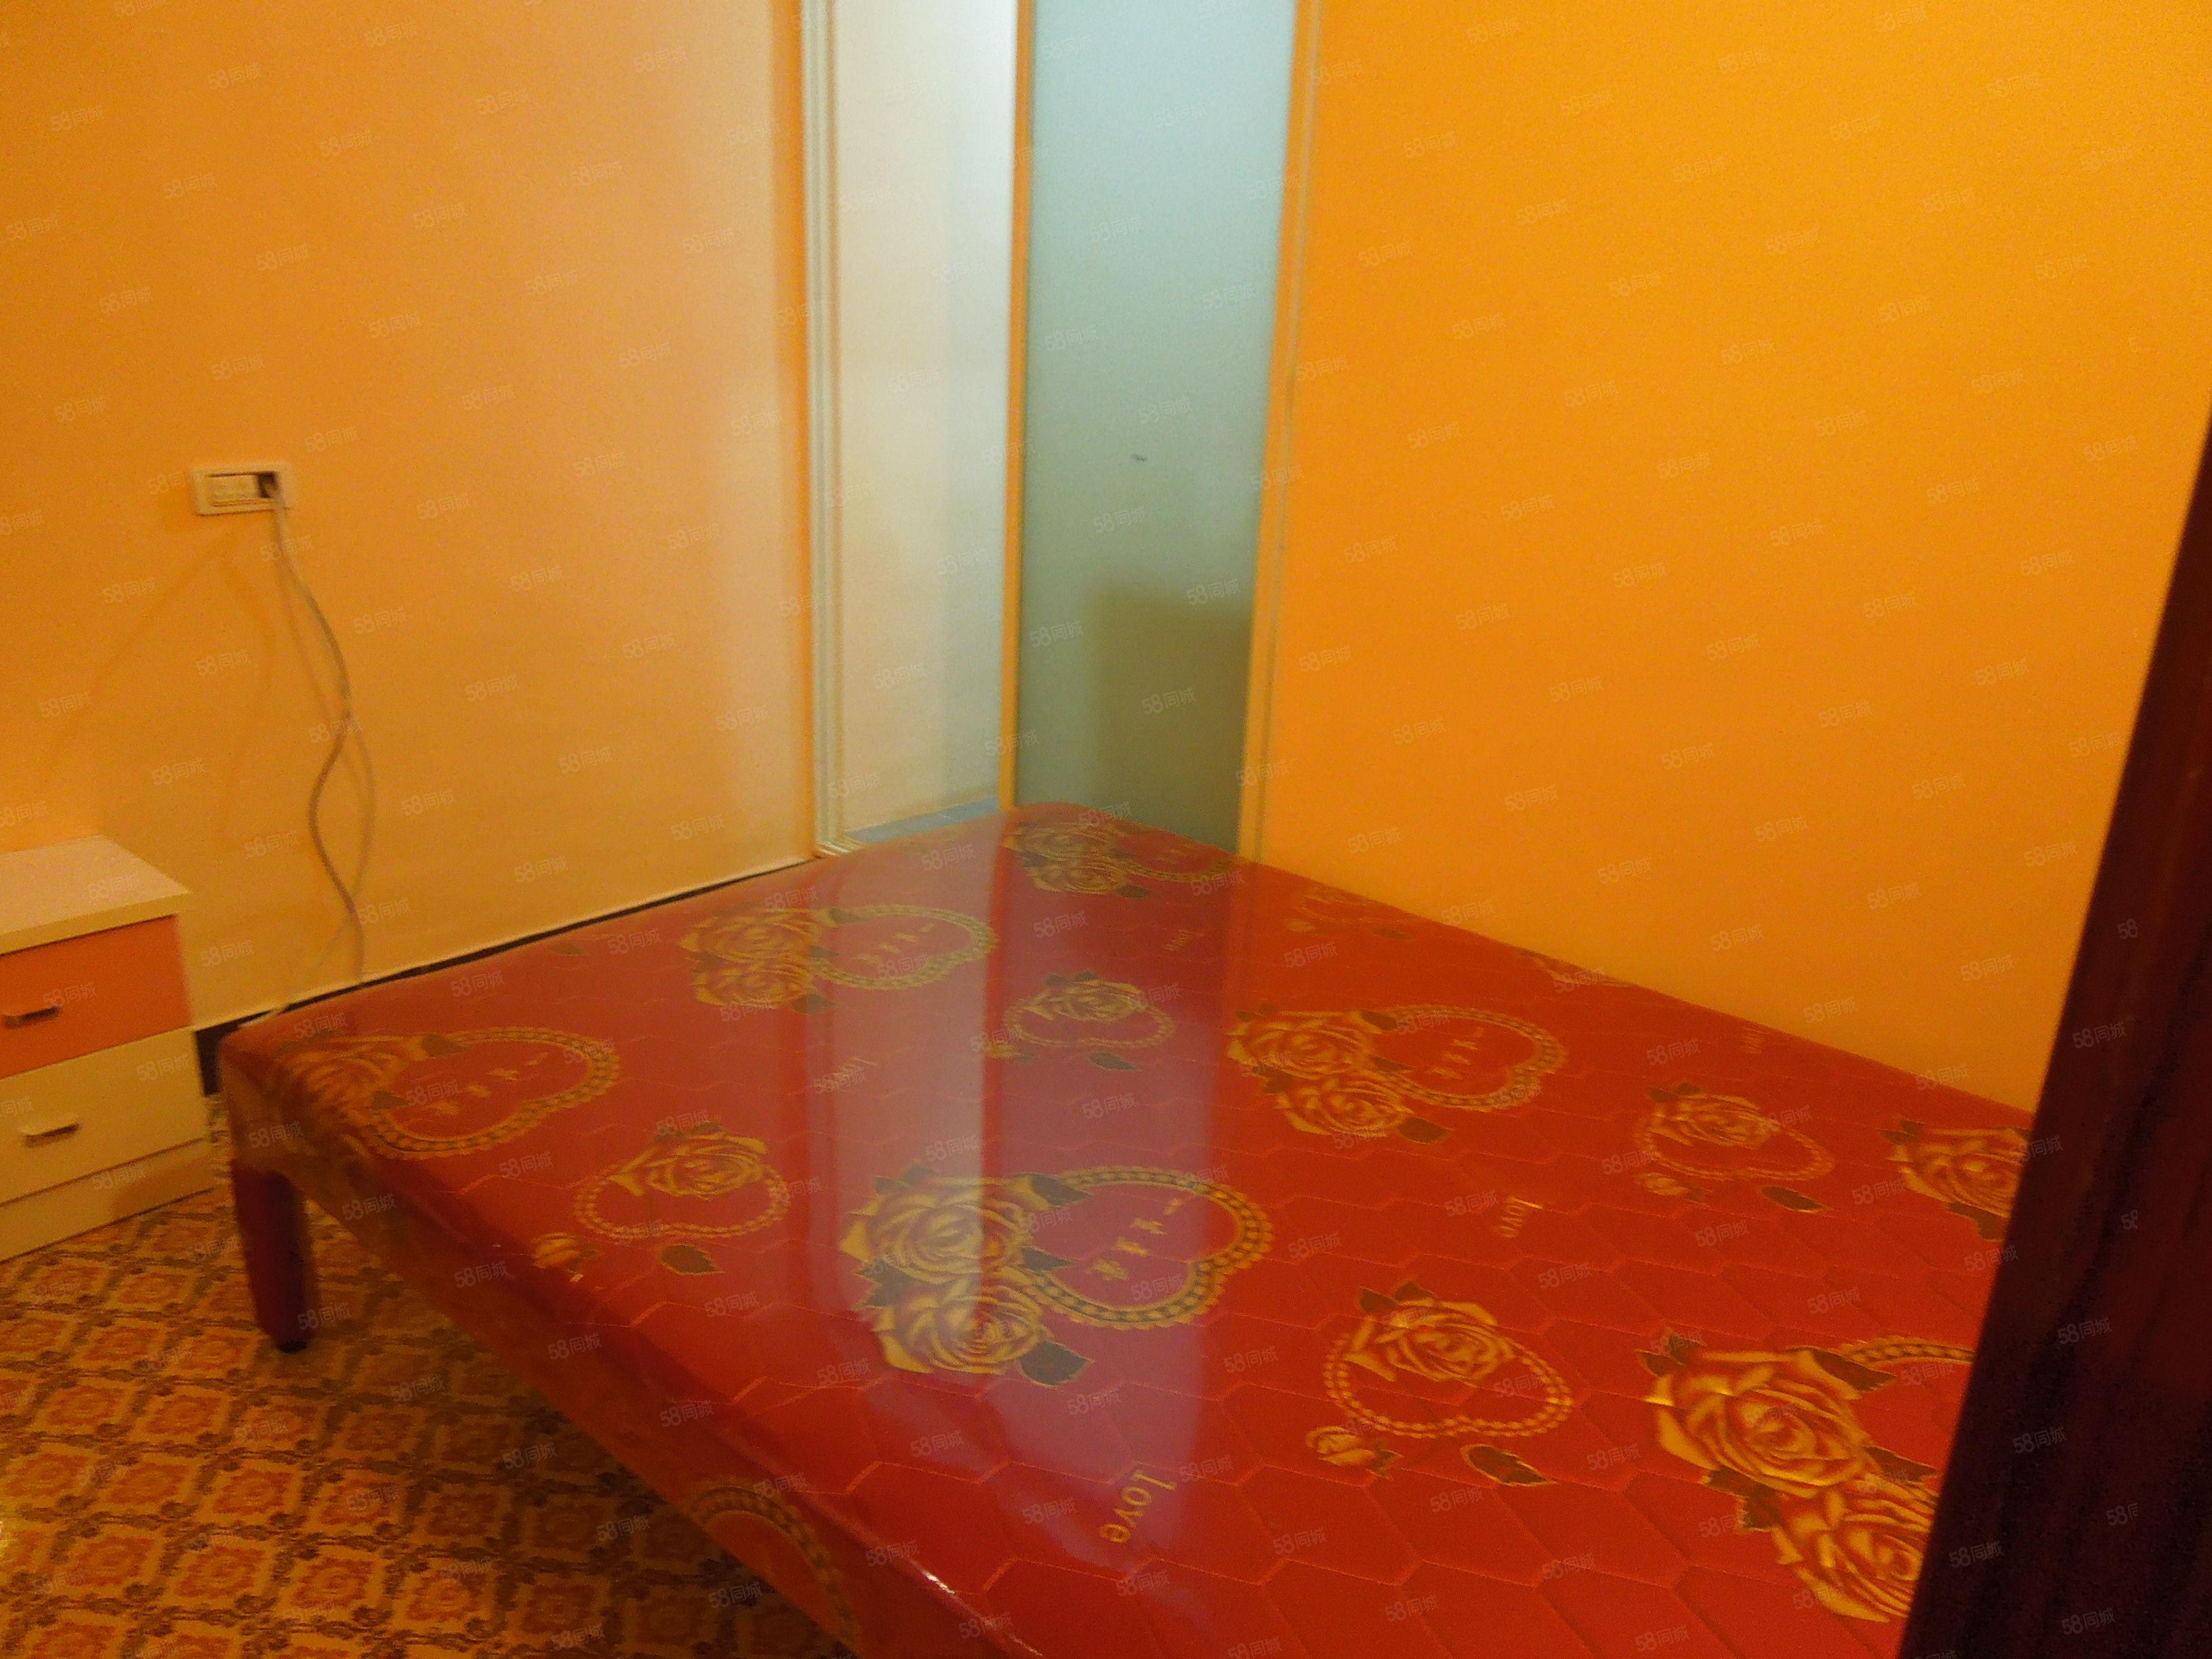 金滩小区超值便宜公寓房,租金才700,还能短租押一付一呢!